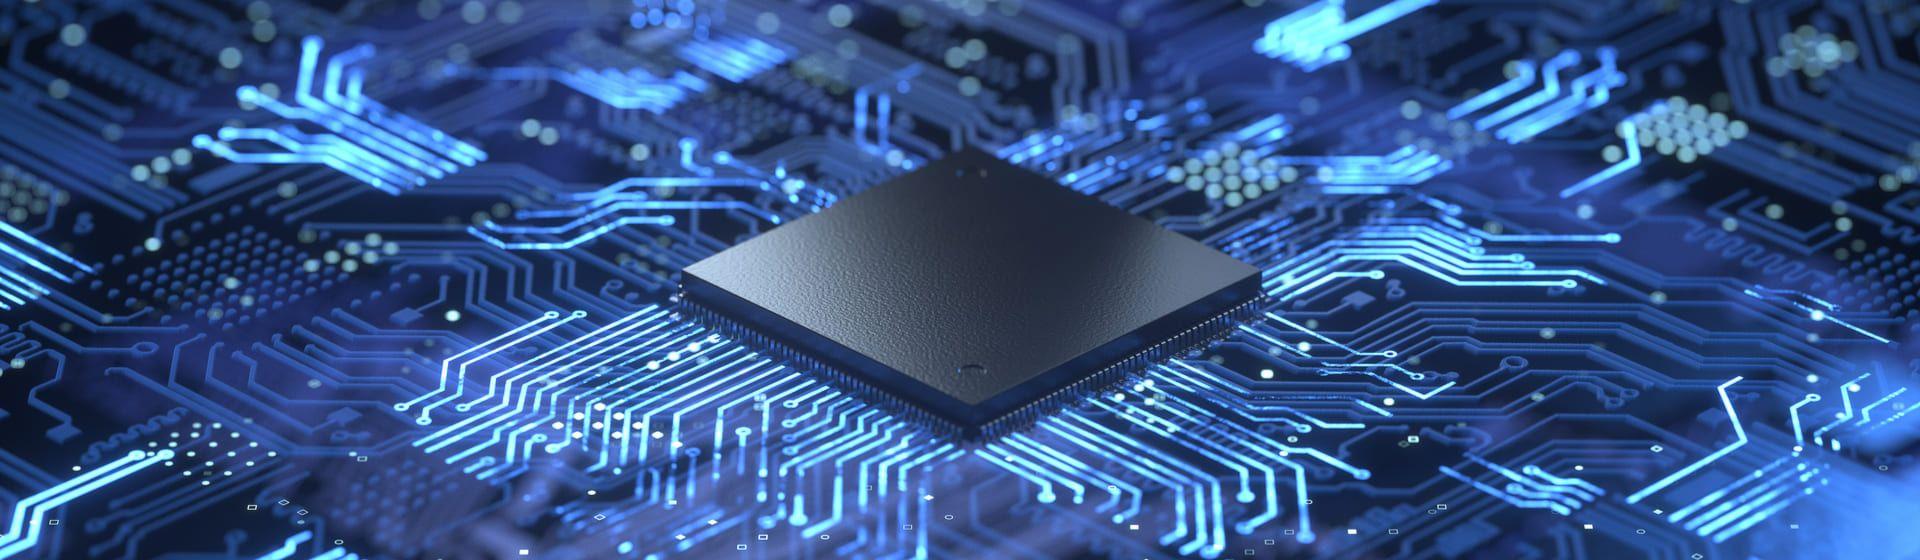 Como saber a geração do processador? Dicas simples que vão te ajudar